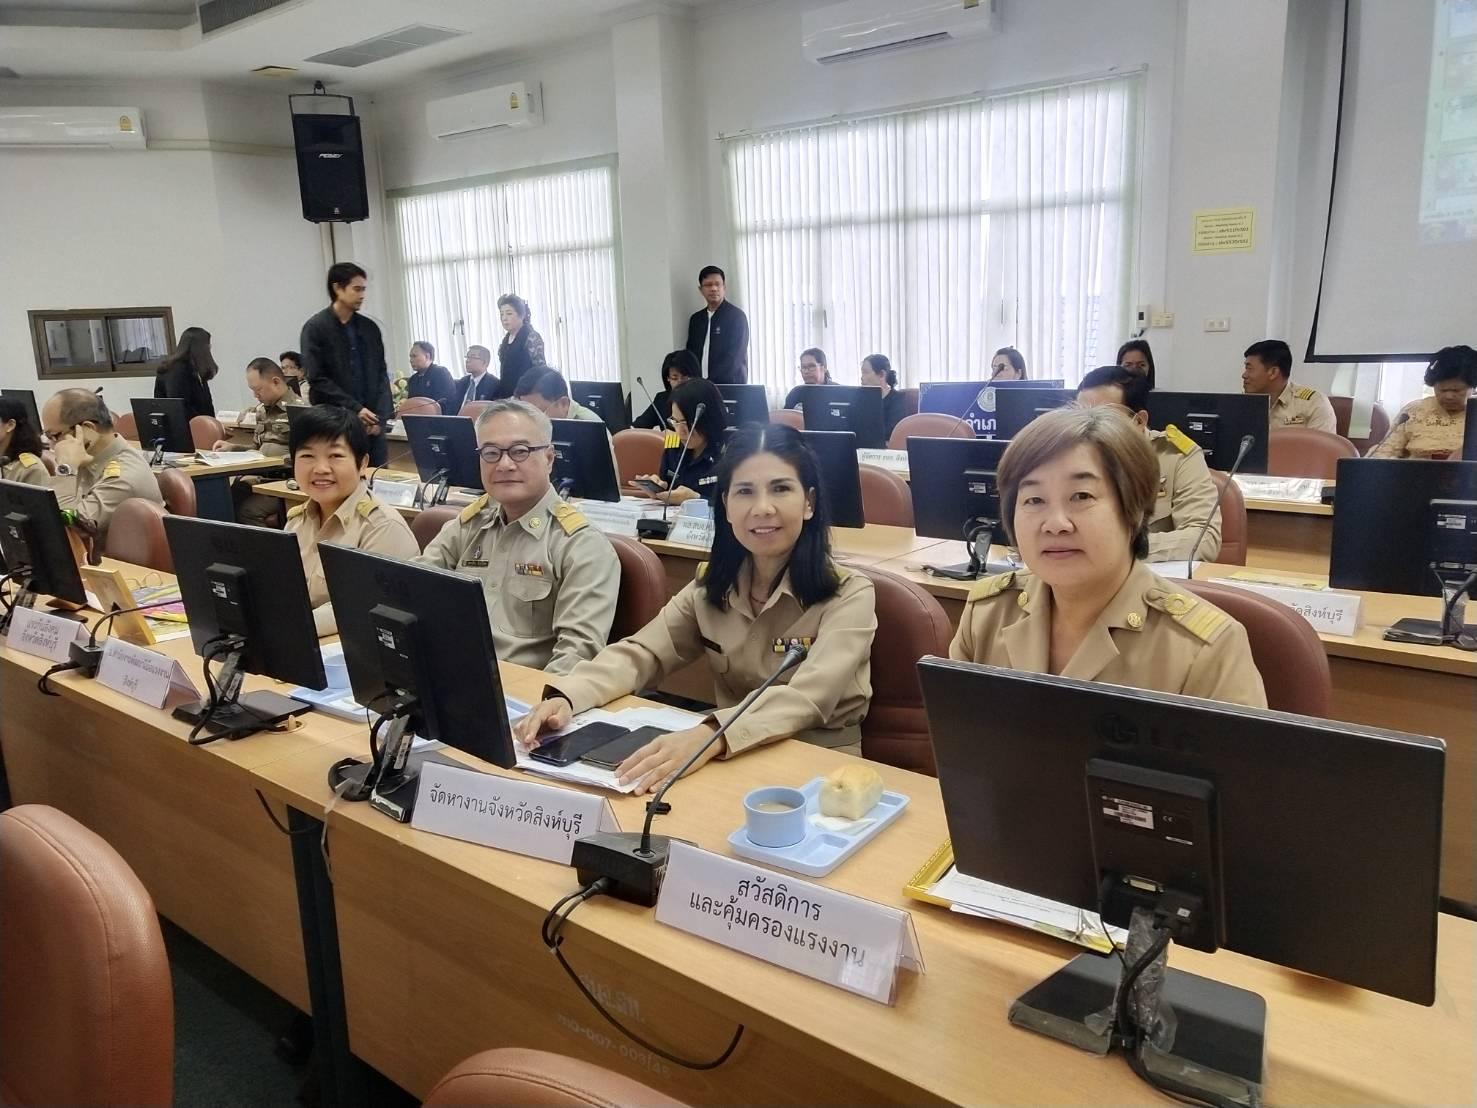 เข้าร่วมการประชุมหัวหน้าส่วนราชการ ประจำเดือนพฤษภาคม 2562